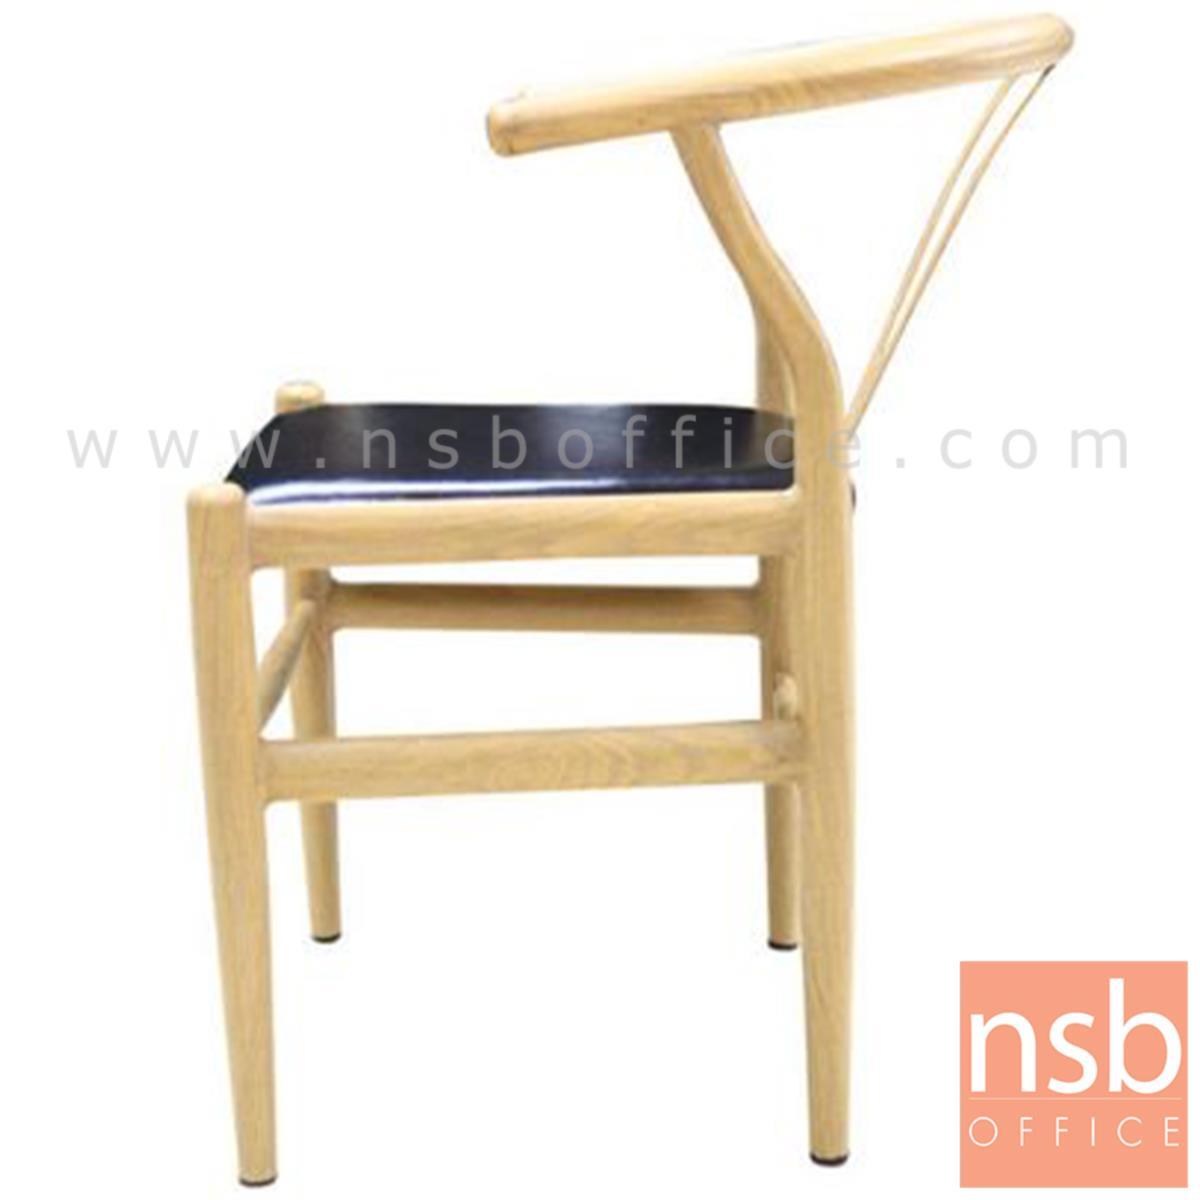 เก้าอี้อเนกประสงค์ รุ่น MOLE (โมล) ขนาด 48.5W cm.